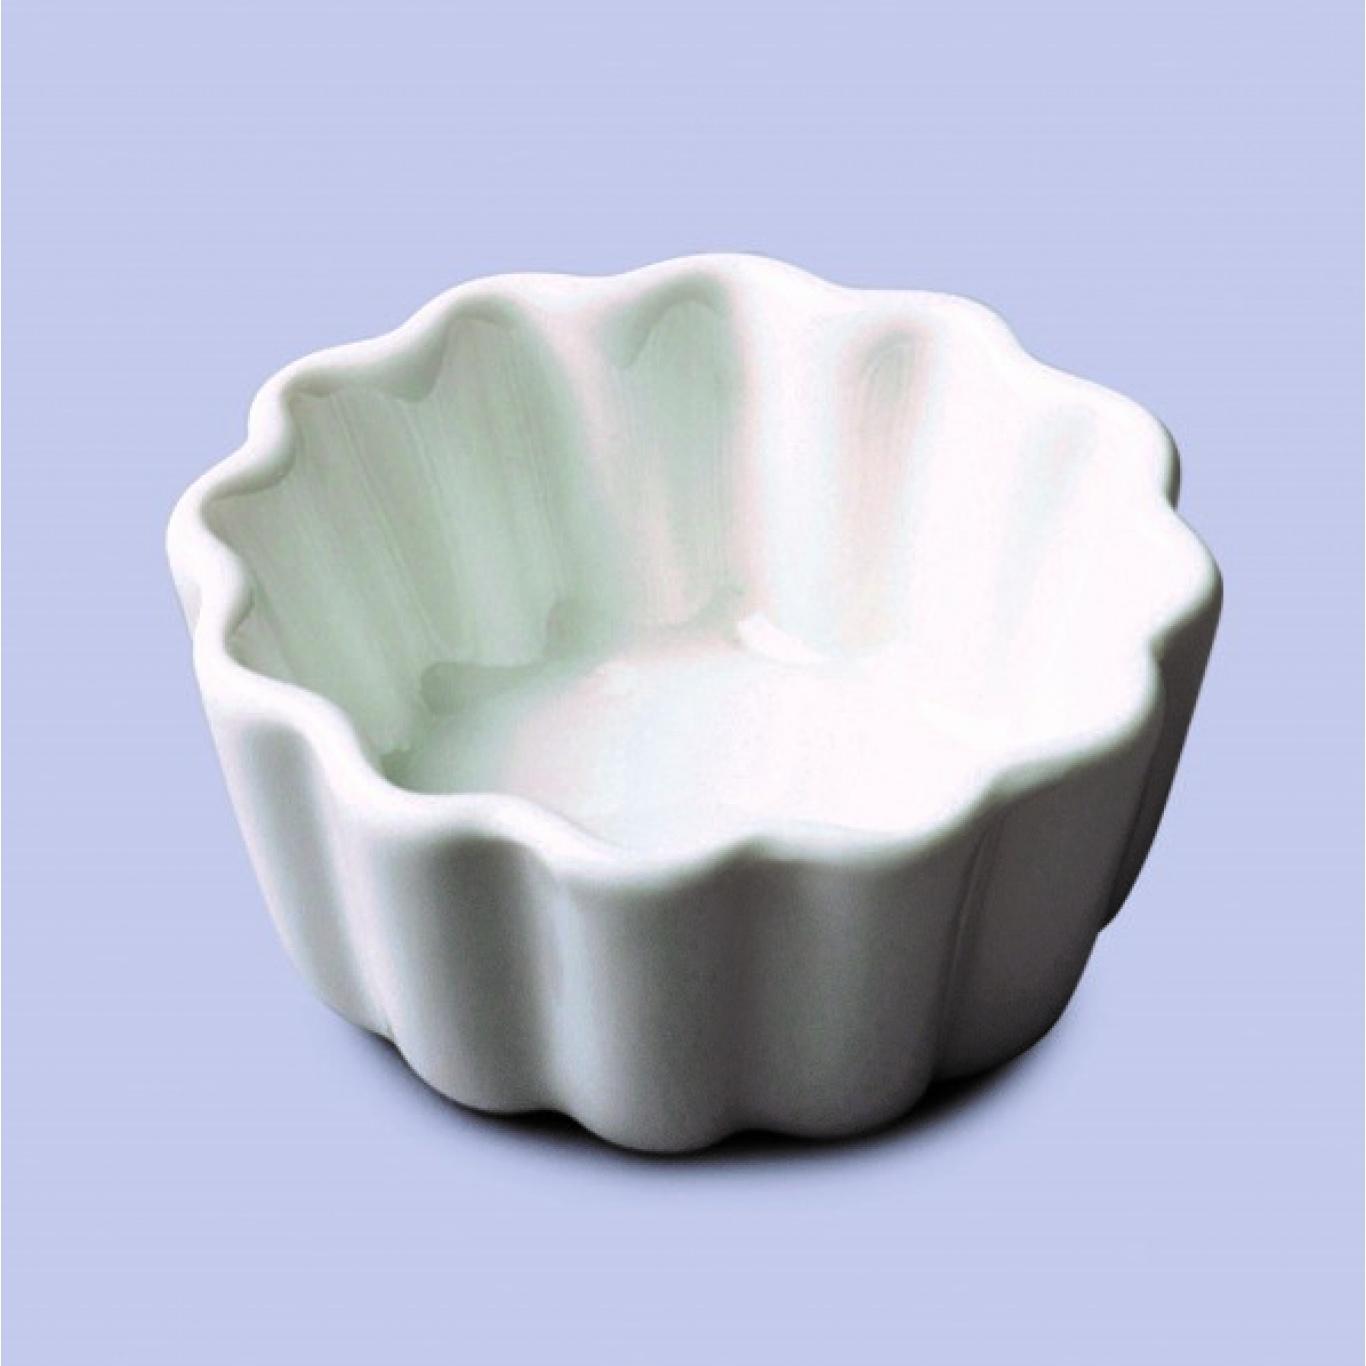 Image of Mini Round Crinkle Dish